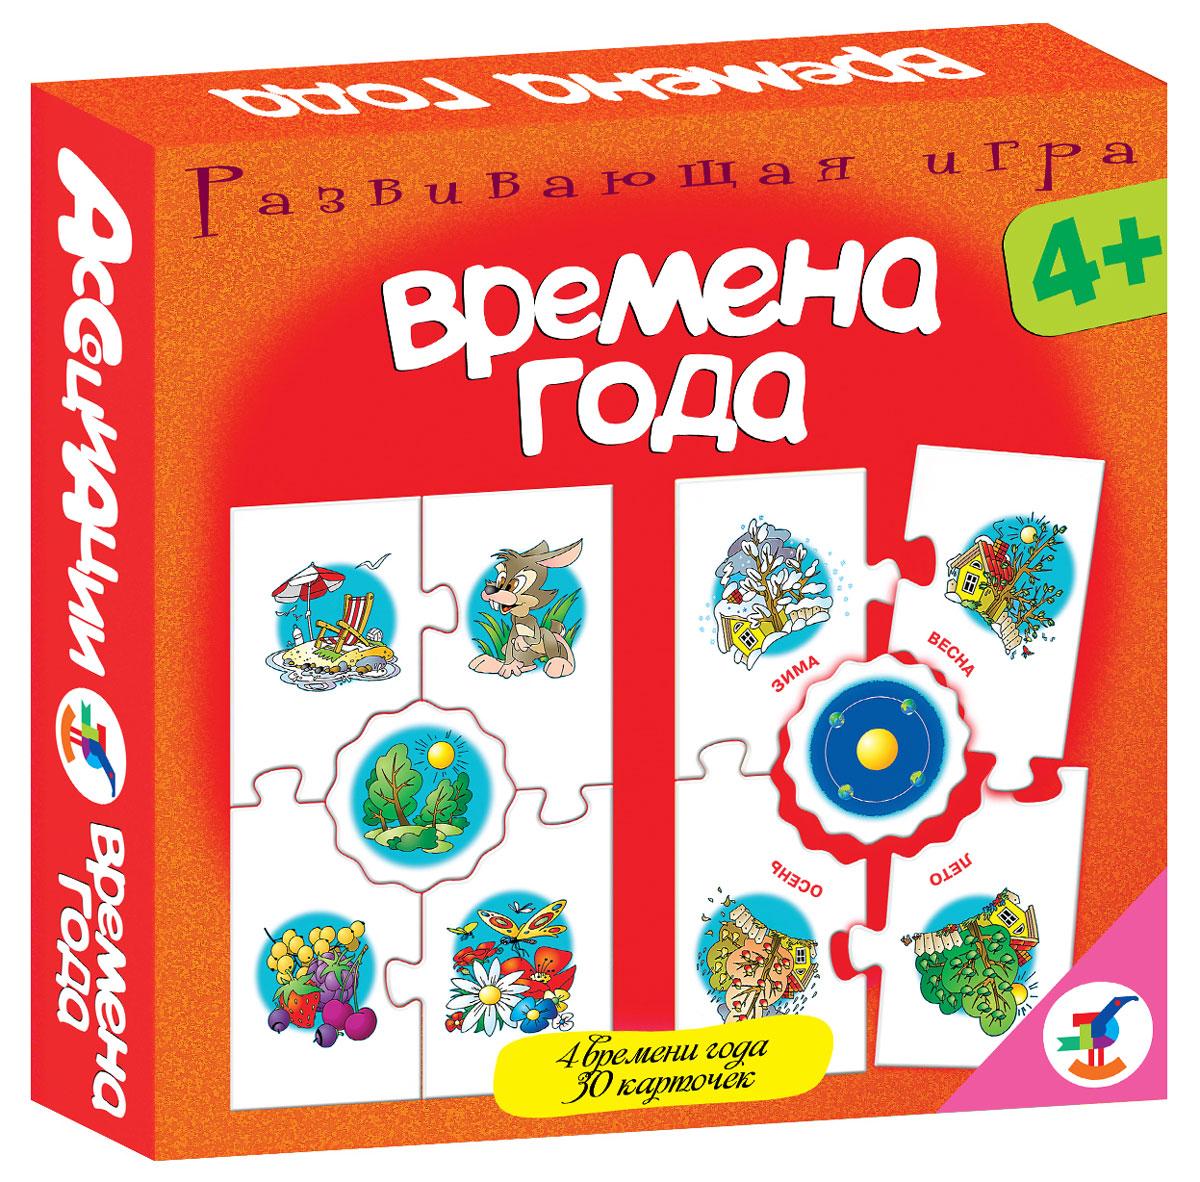 Дрофа-Медиа Пазл для малышей Ассоциации Времена года пазл для малышей dodo 4в1 времена года